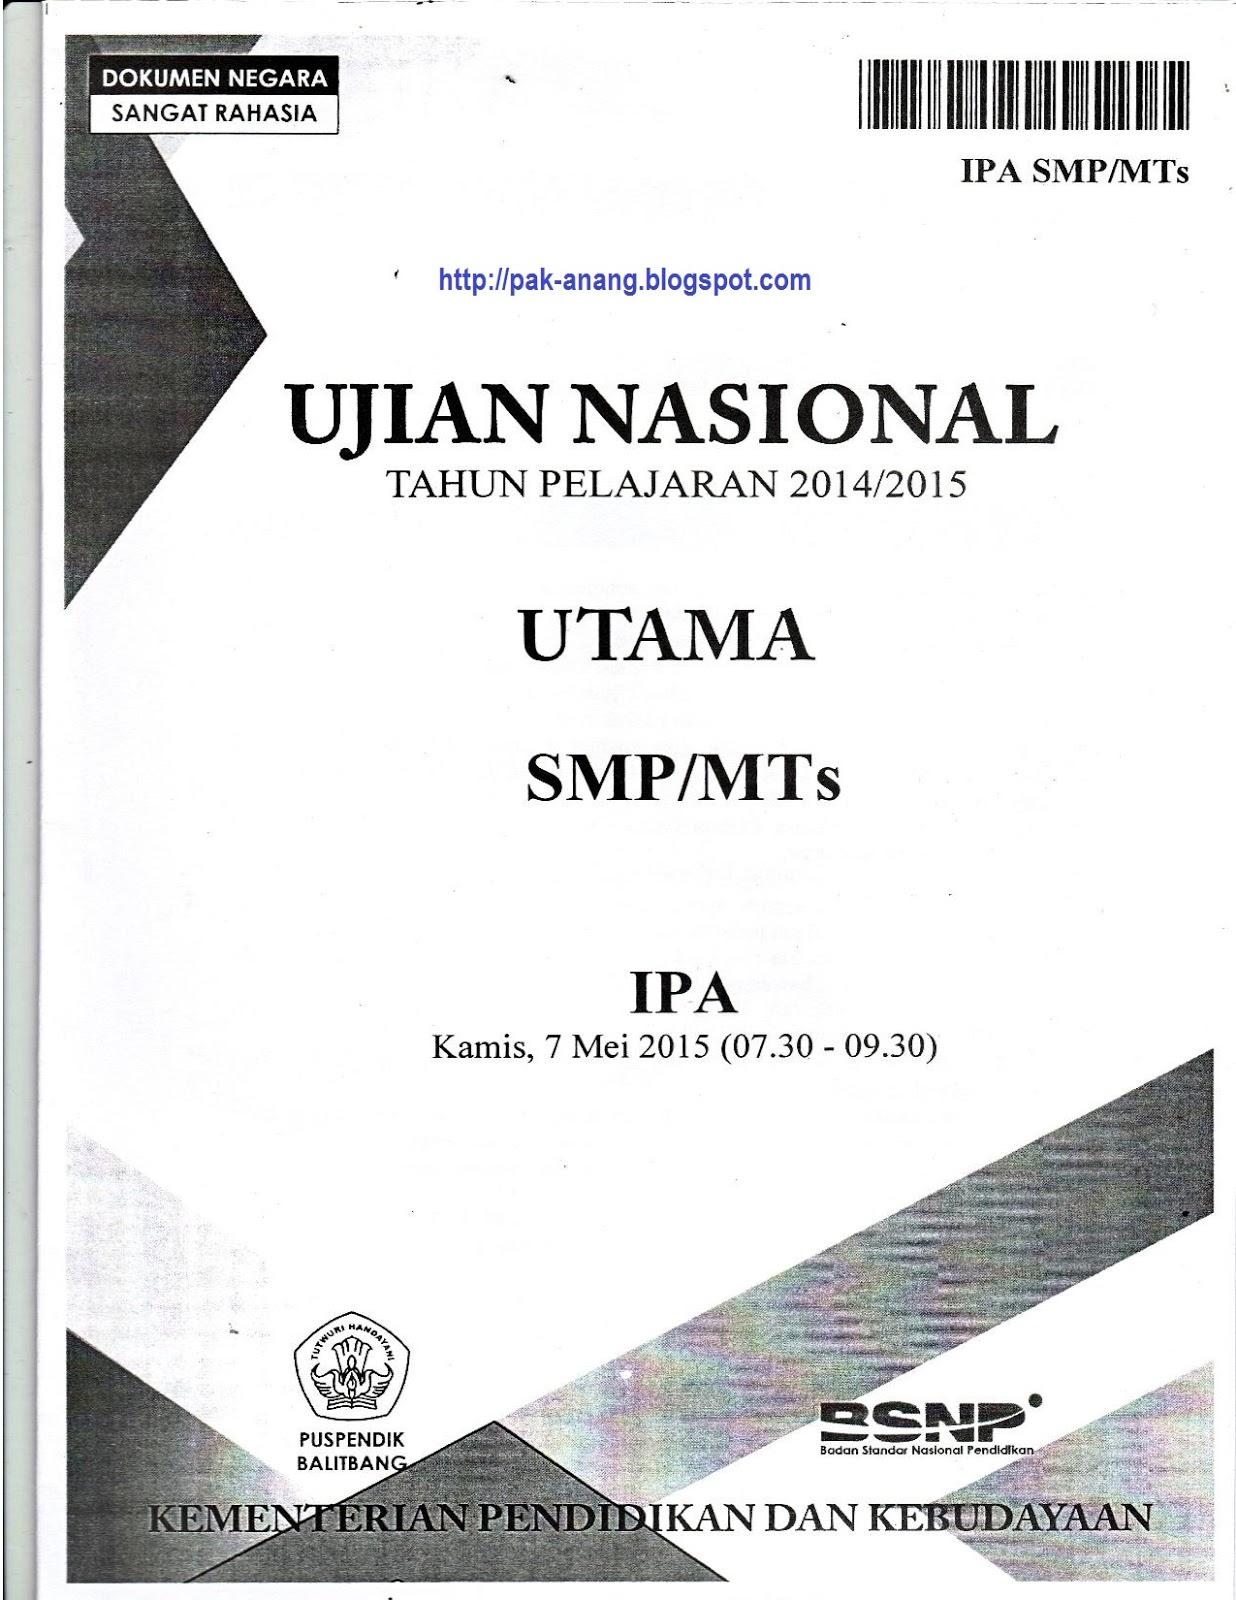 Soal Ujian Nasional Kelas 6 2016 Ipa Berbagi Dan Belajar Naskah Soal Un Ipa Smp 2015 Paket 1